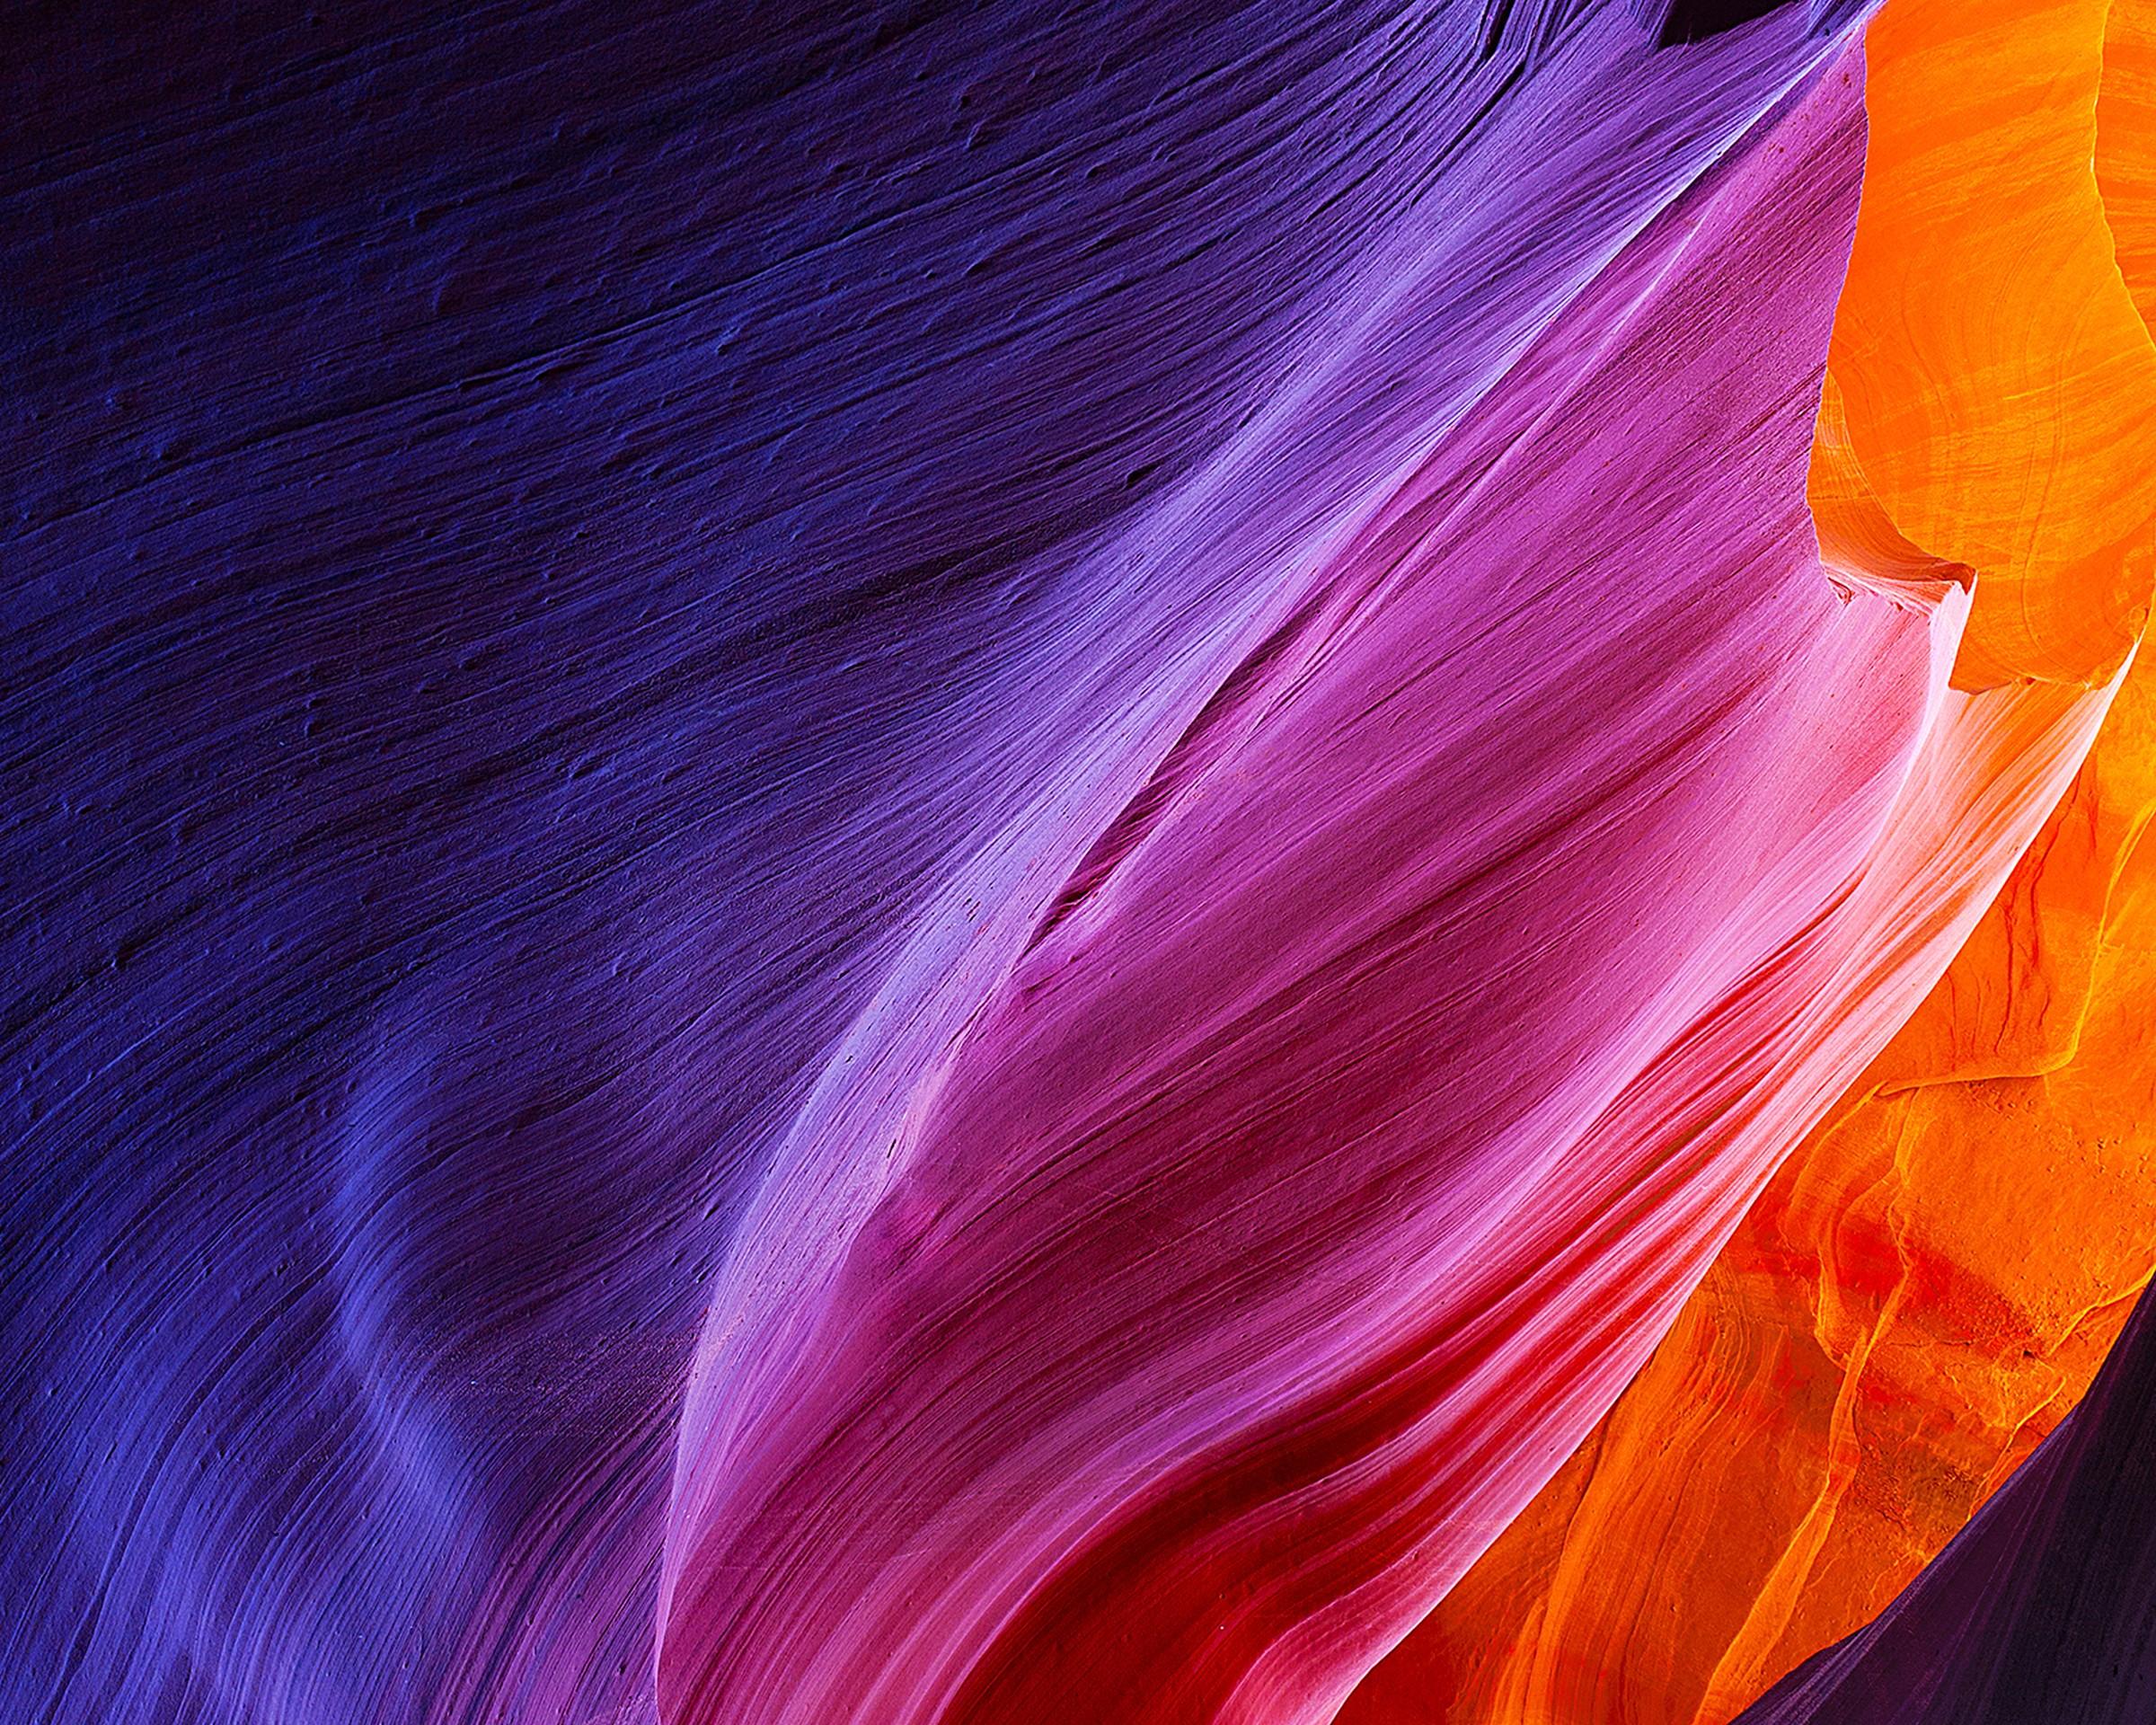 Asus Mobile Wallpaper: Asus X015 Stock Wallpaper 27